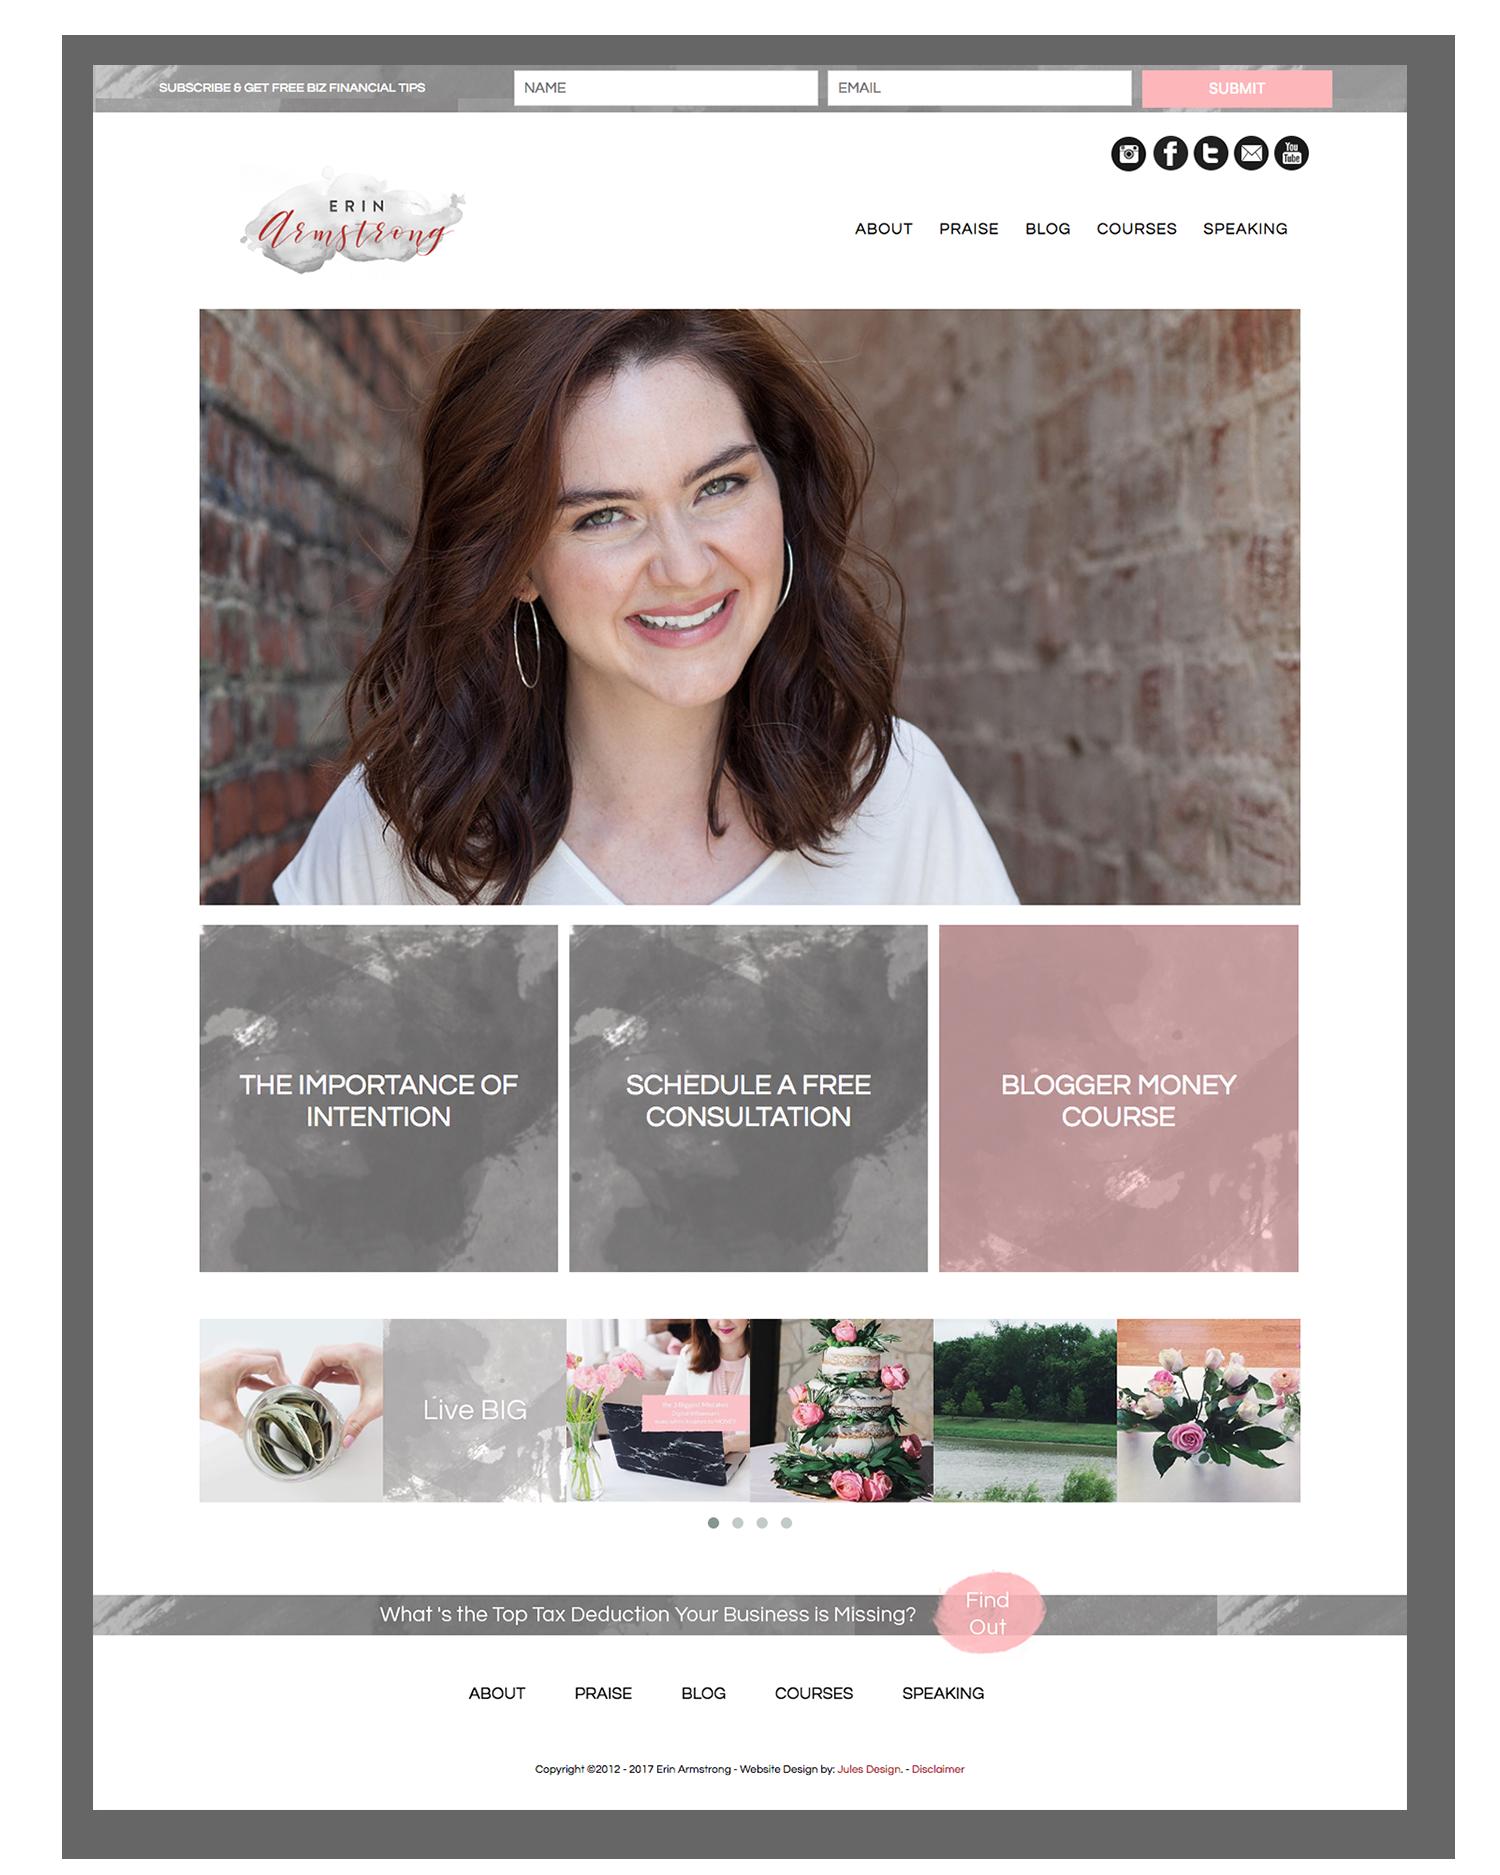 Web Design Courses Saint Clair